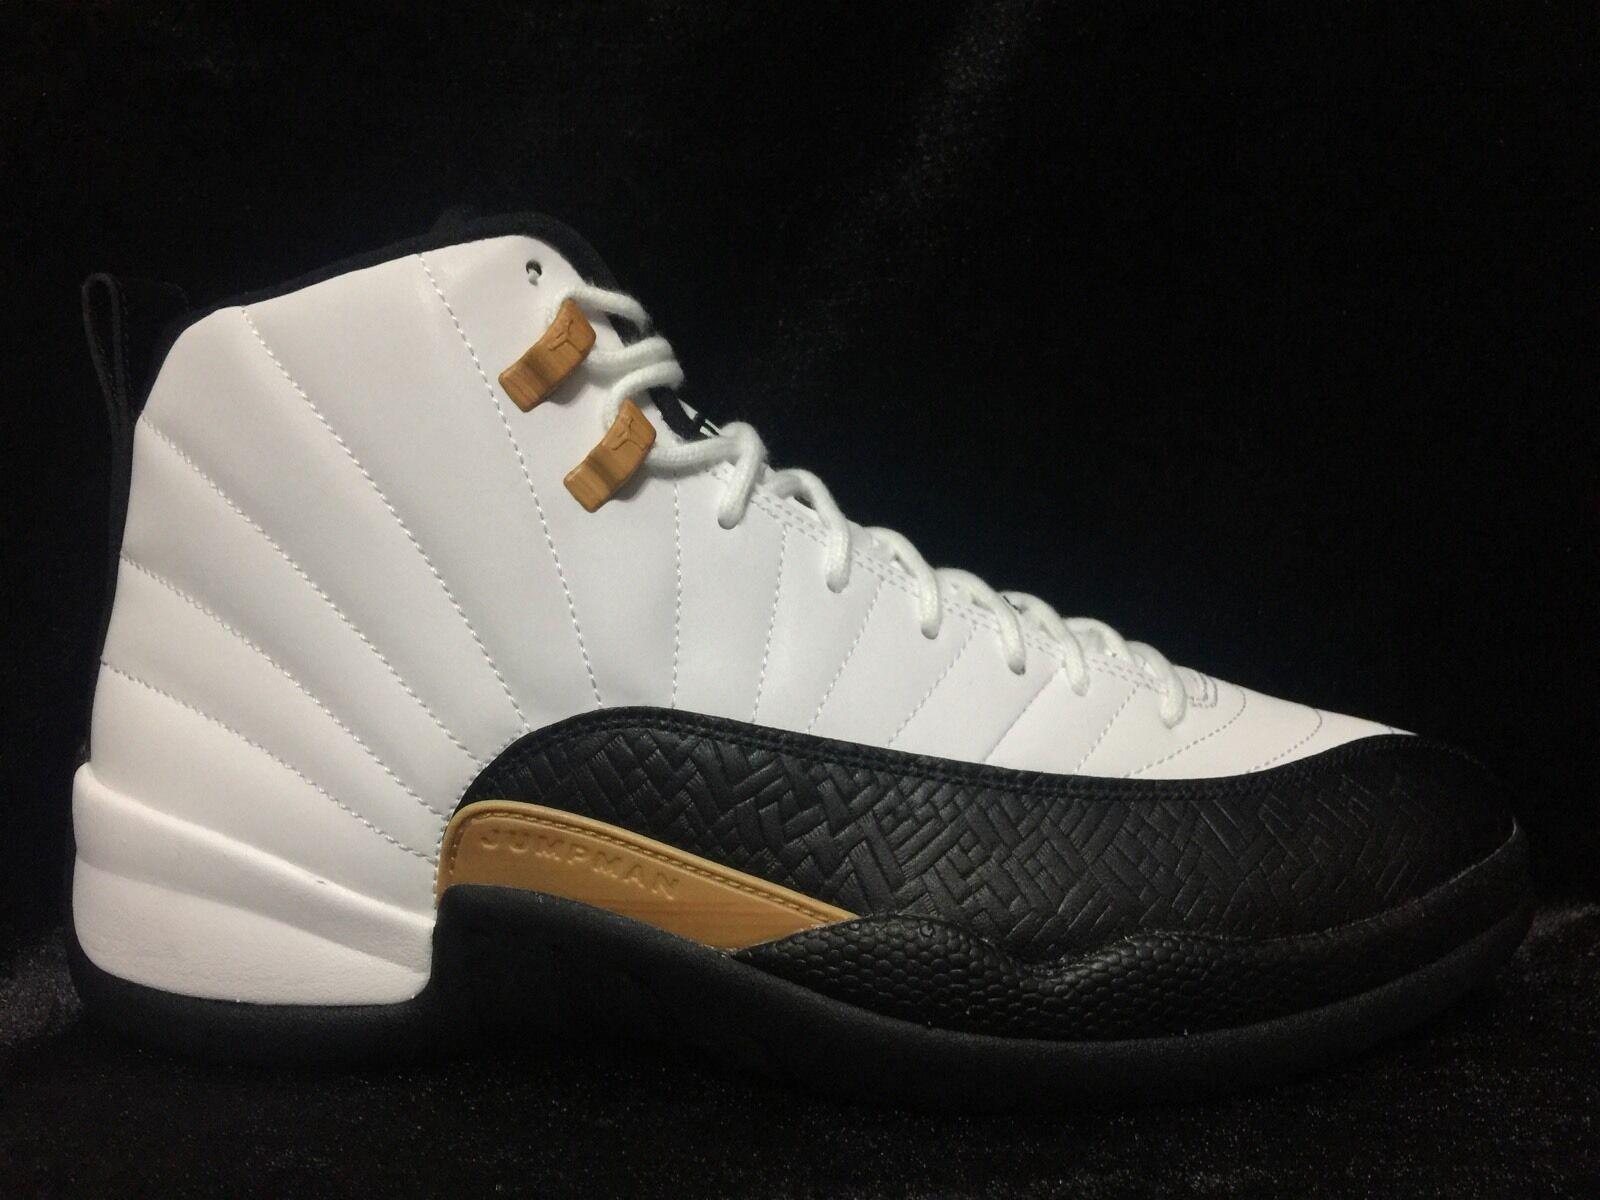 Nike Air Jordan 12 Retro XII